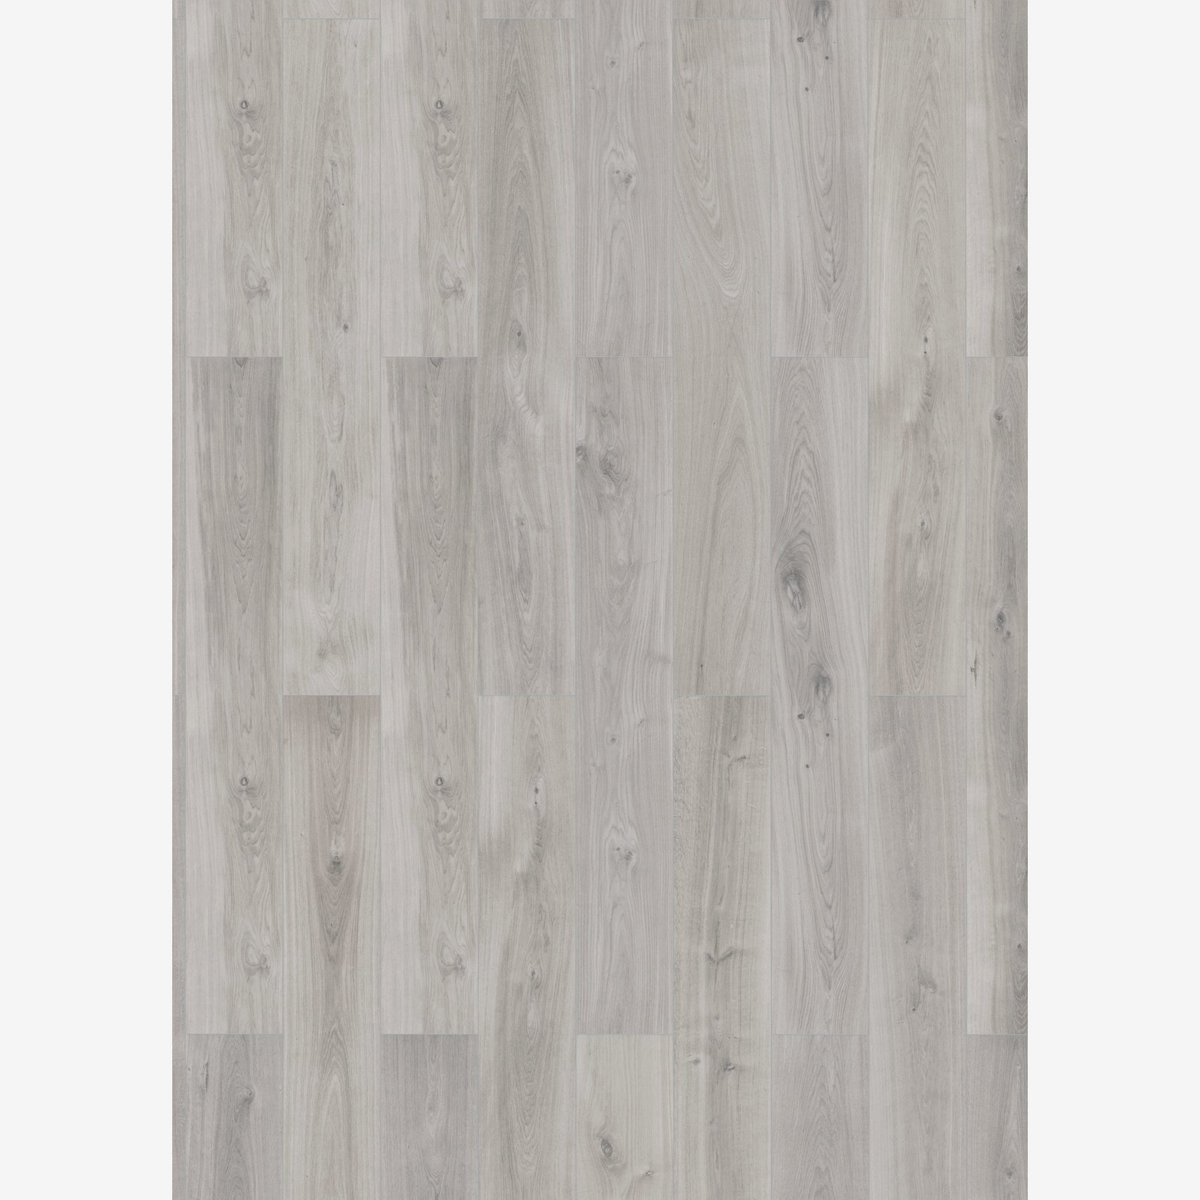 Bild 2 von toomEigenmarken -              toom Greenvinyl Eiche grau